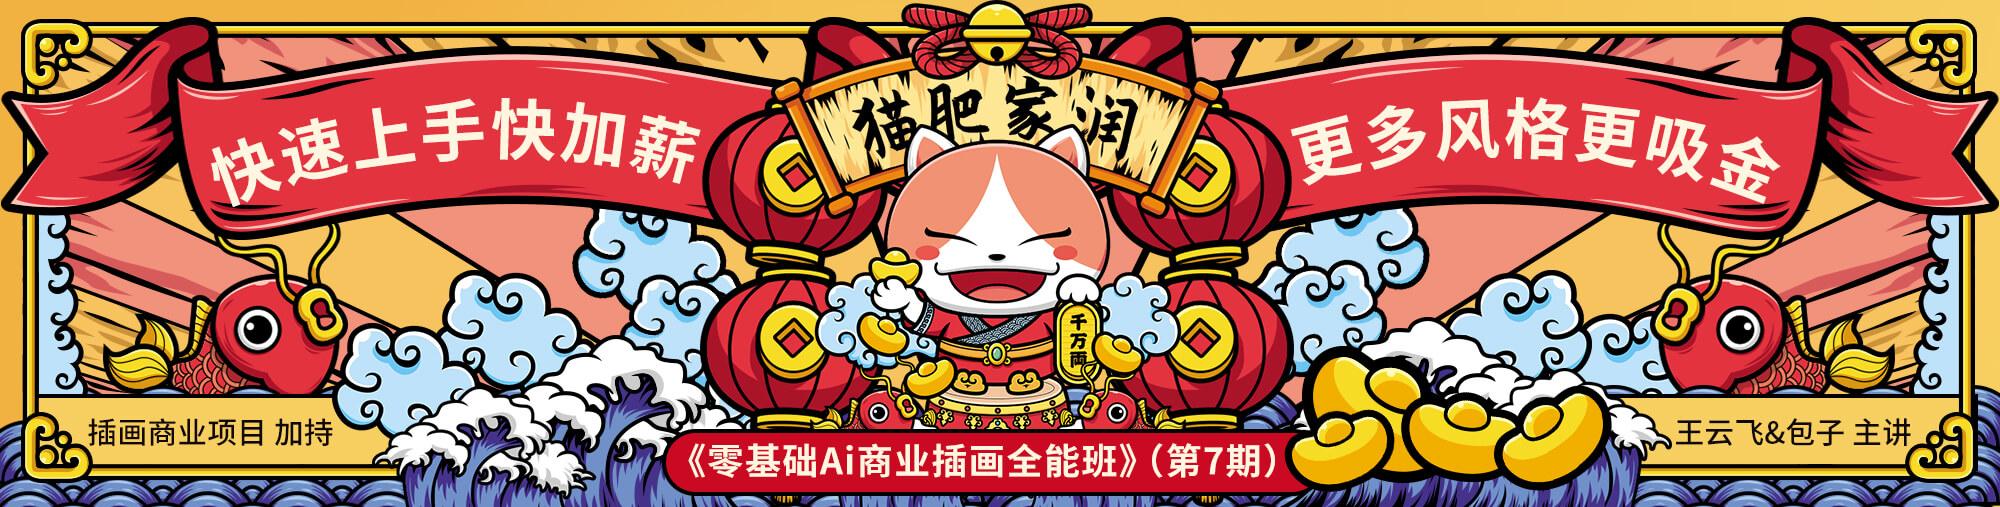 跟包子&王云飞 零基础学 Ai商业插画